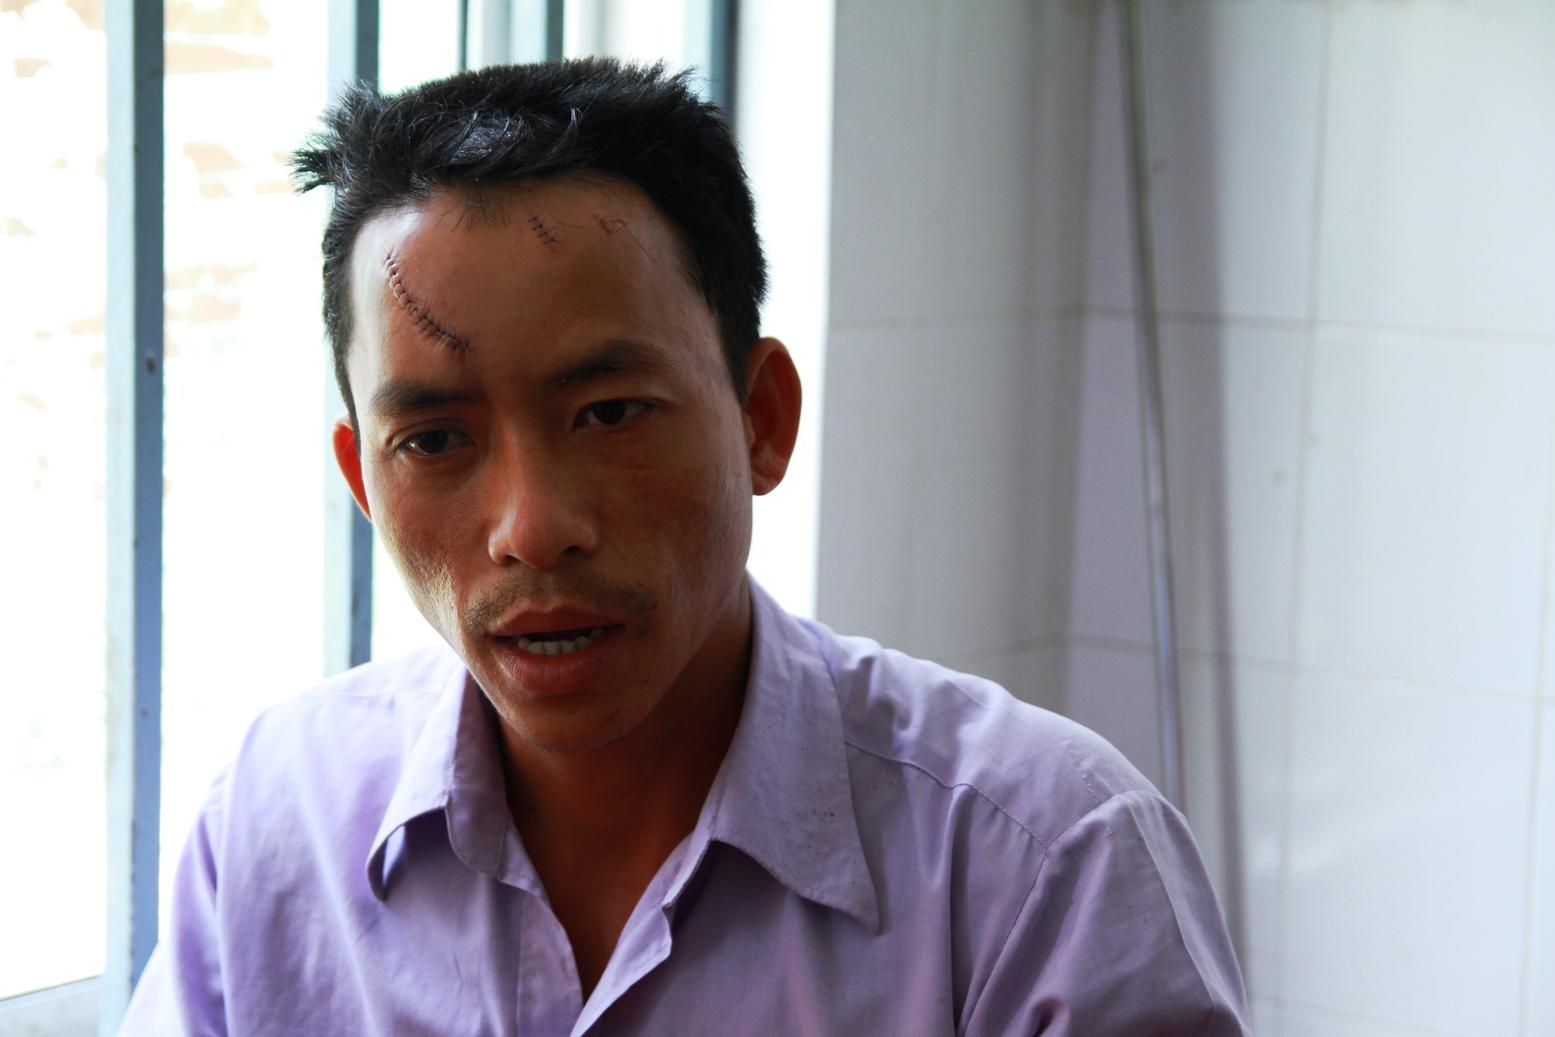 Ông Huỳnh Xuân Thạch đang được điều trị tại bệnh viện đa khoa Quảng Nam với hai vết khâu trên trán